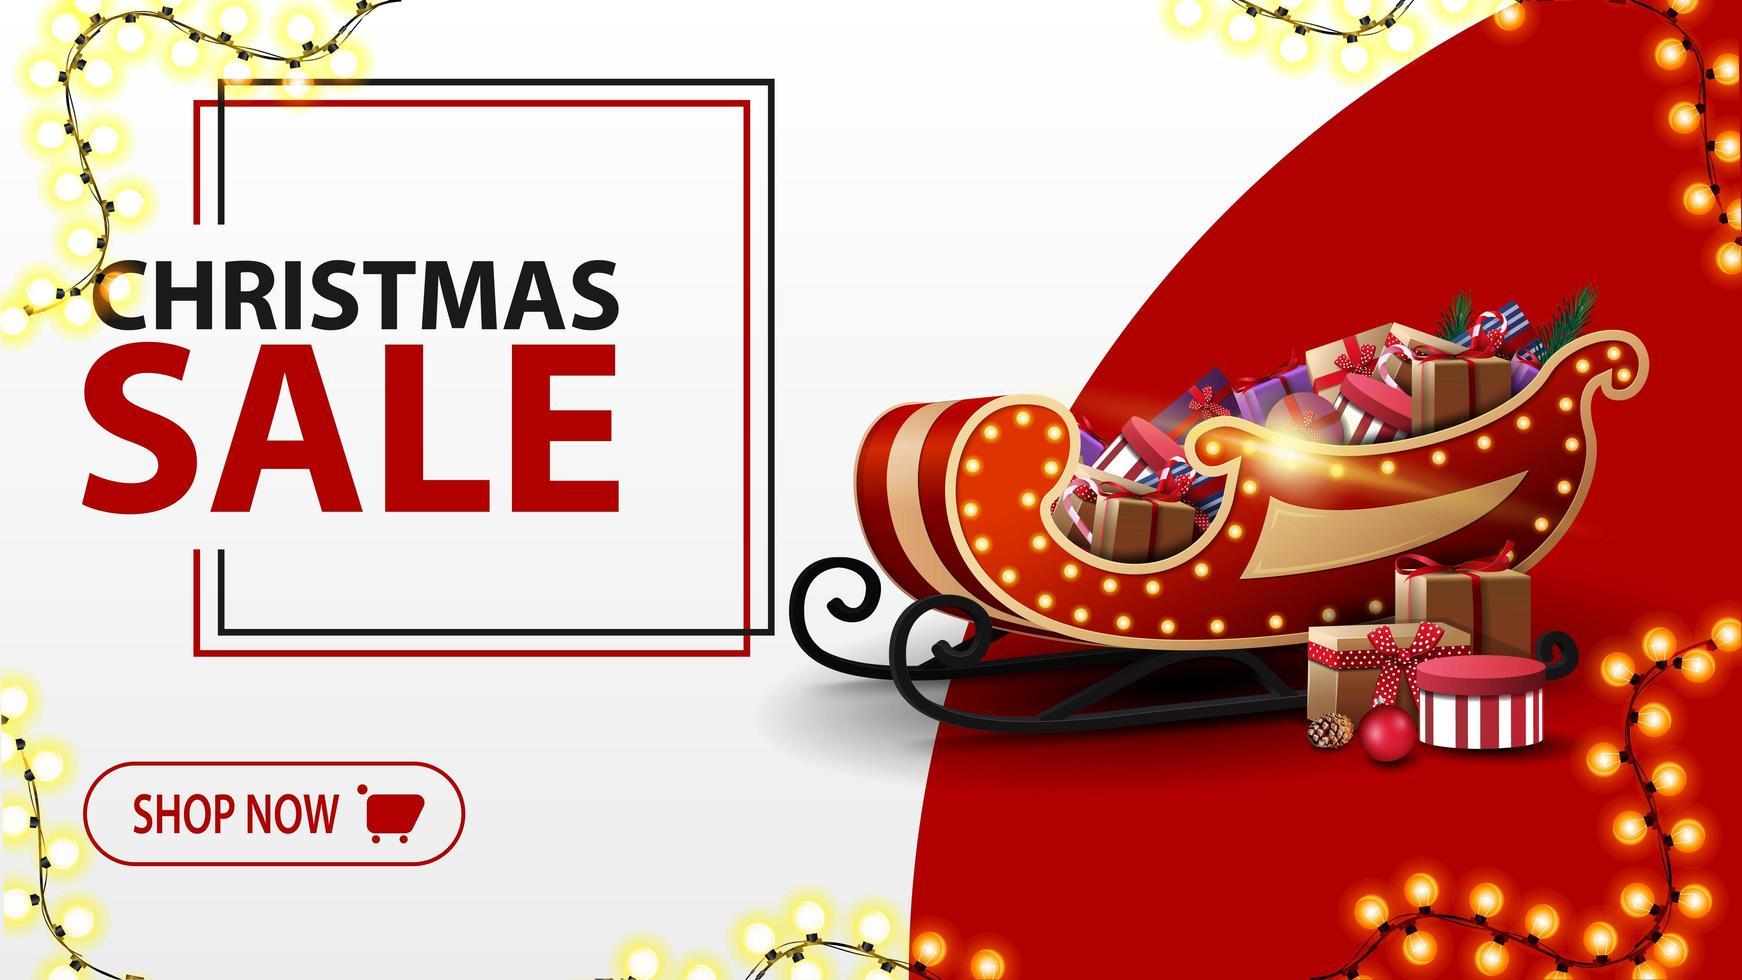 kerstuitverkoop, witte en rode kortingsbanner in minimalistische stijl met slinger en santaslee met cadeautjes vector